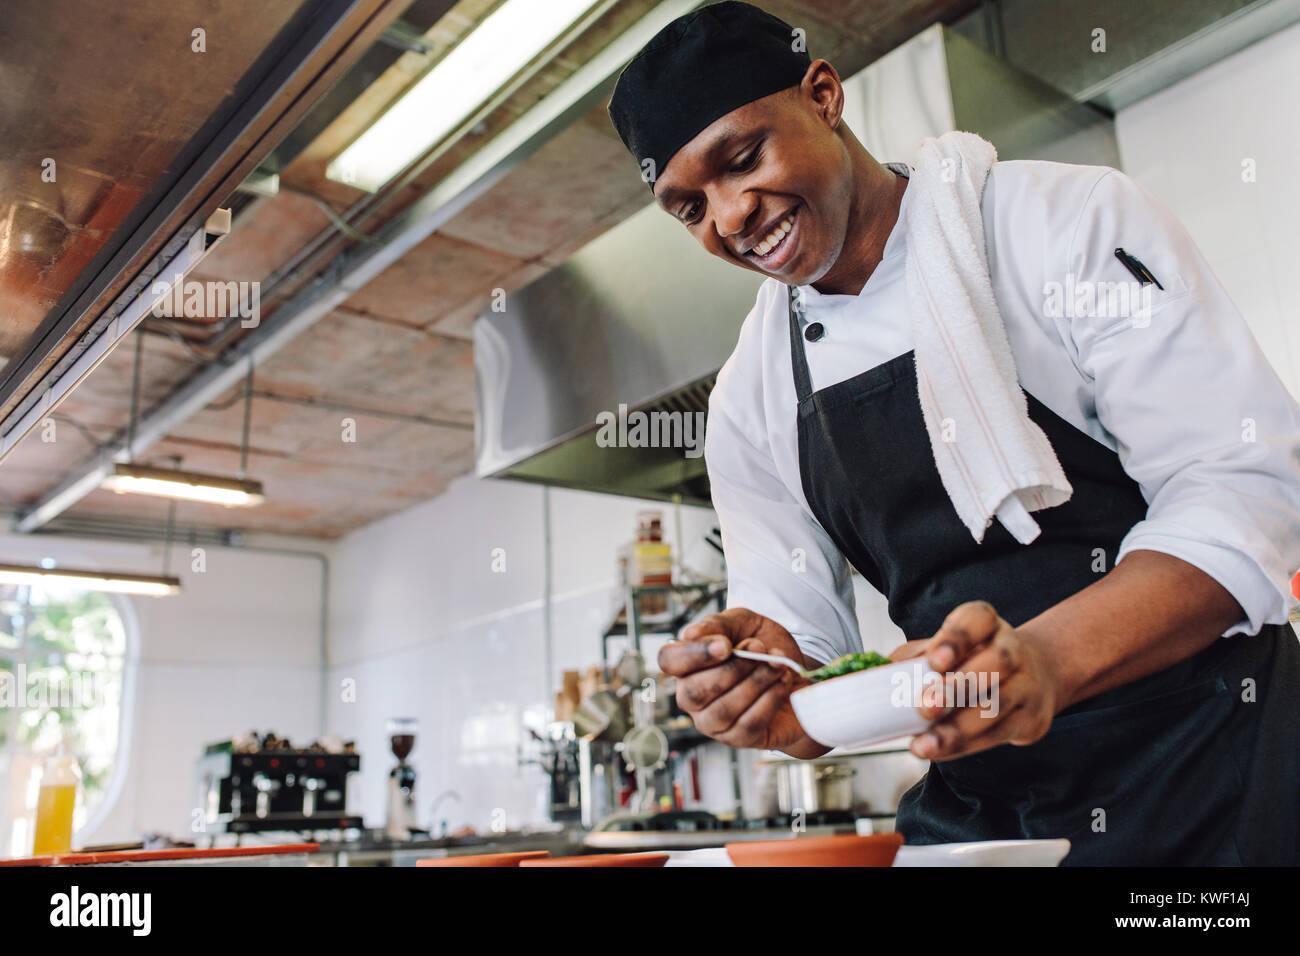 Gourmet chef en uniforme dans la cuisine une cuisine commerciale. Heureux homme cook Portant tablier, debout par Photo Stock